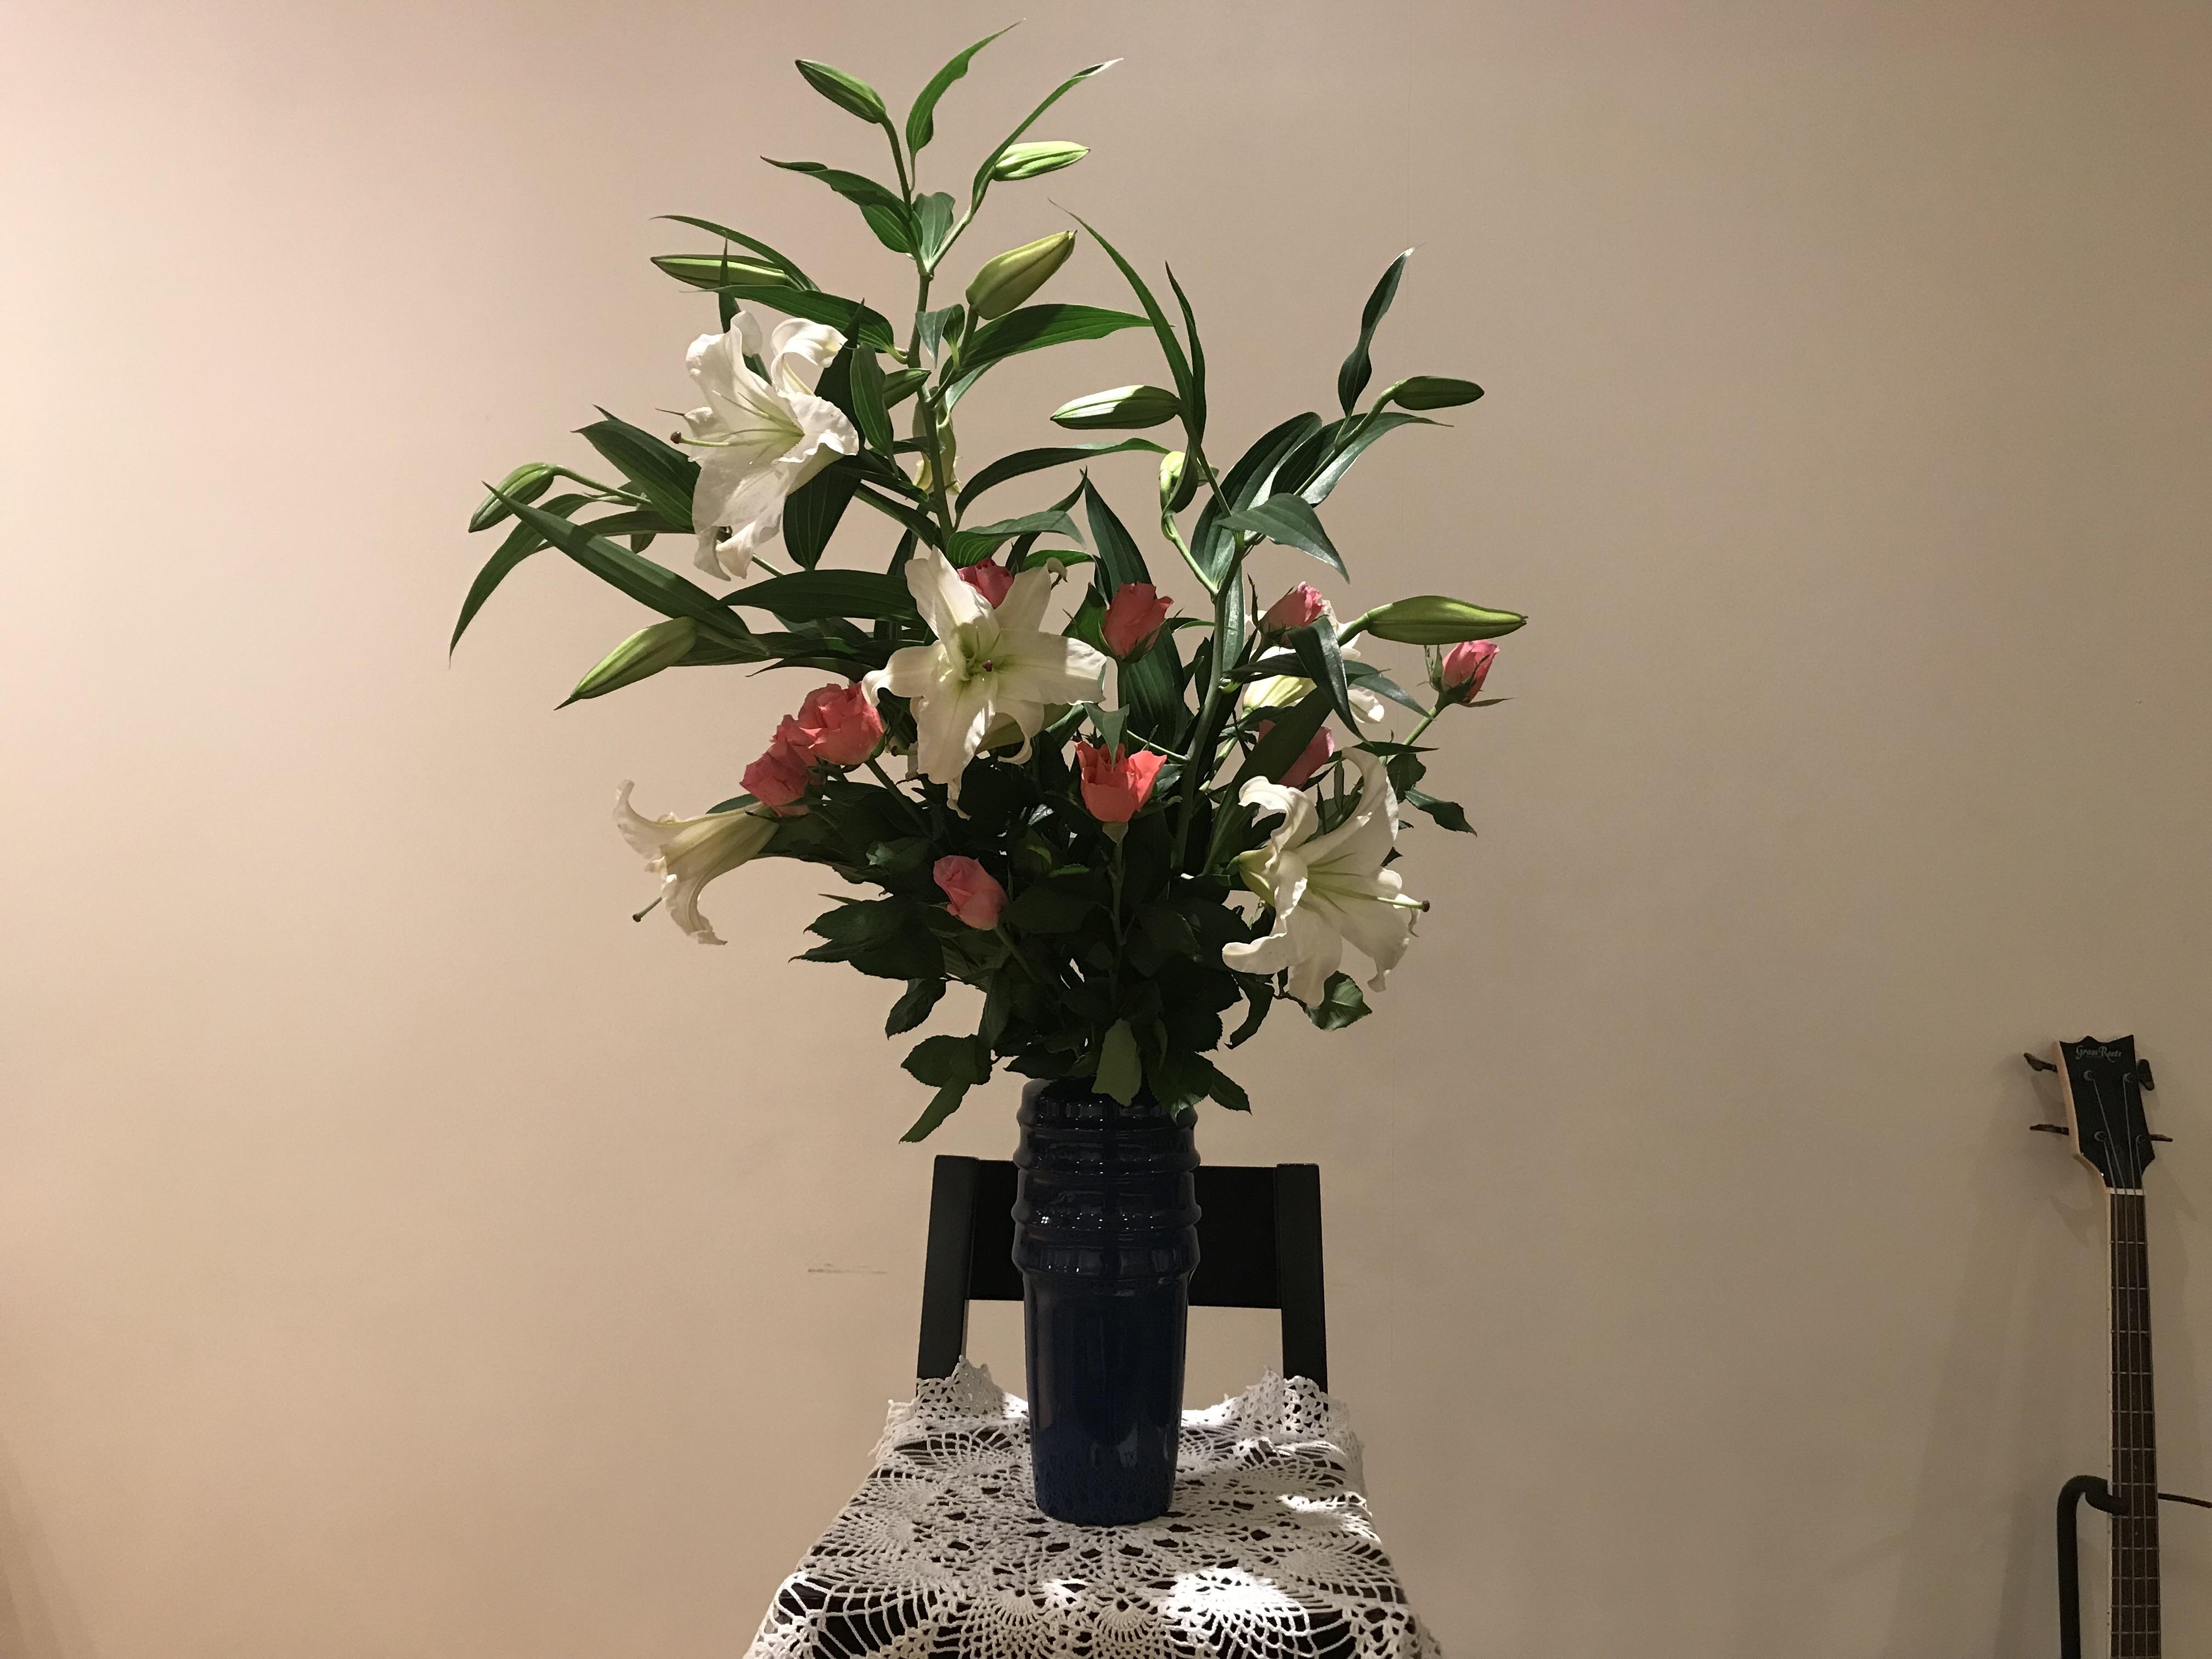 2018/3/11、聖日礼拝のお花